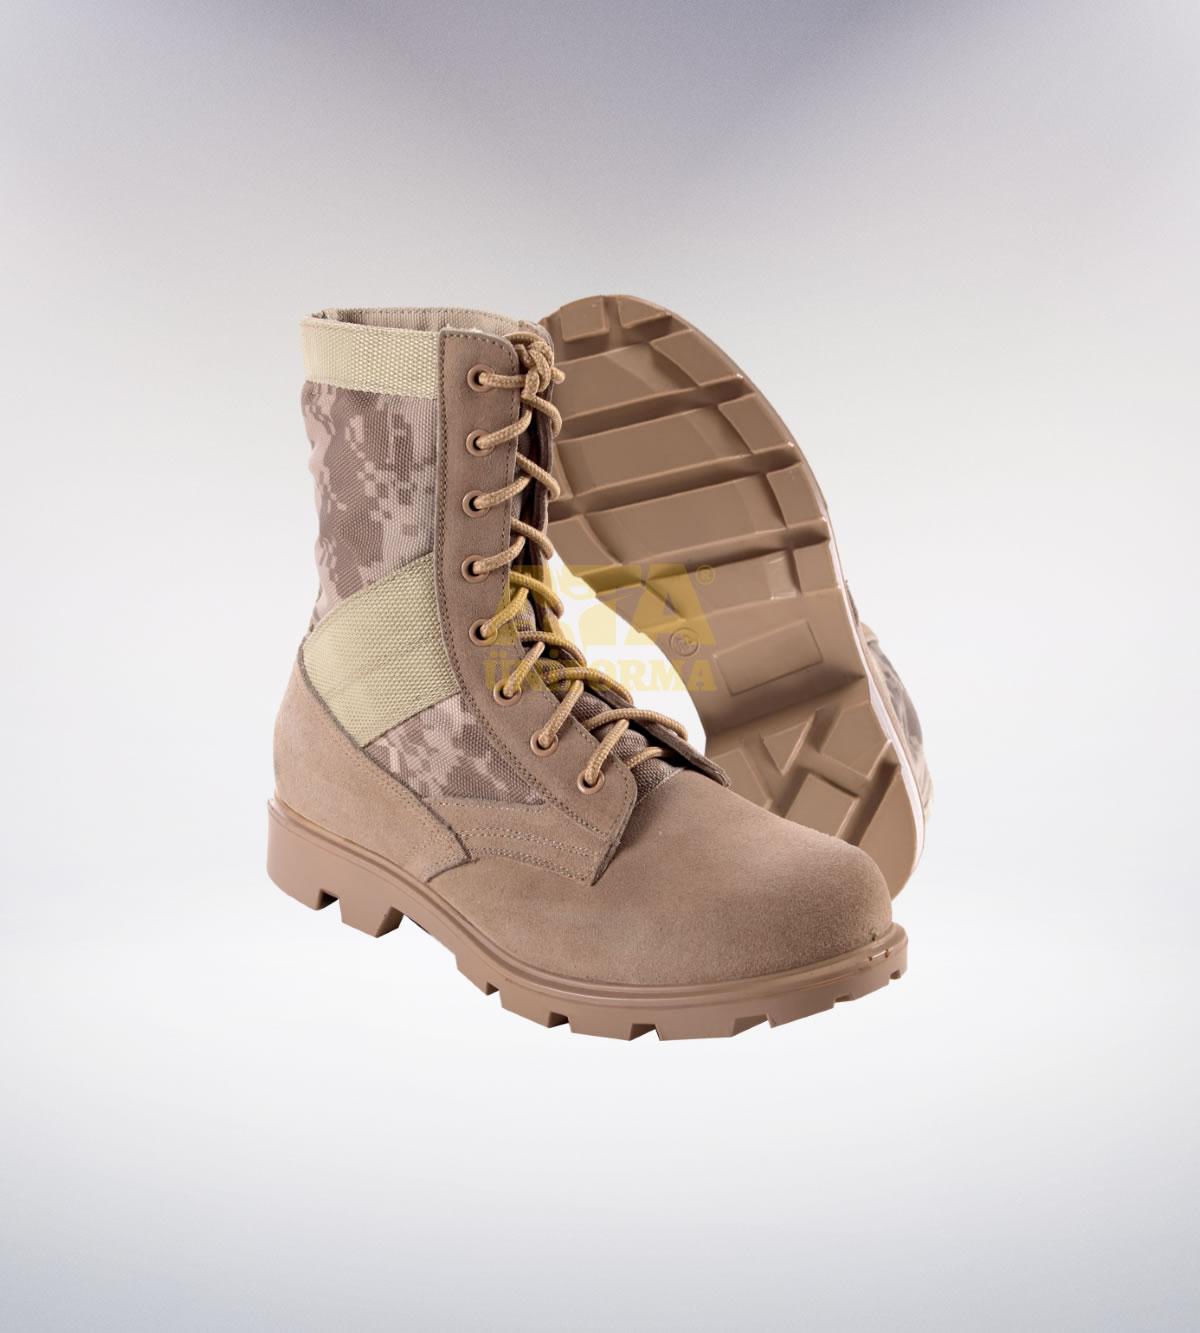 ATA-1057 Asker bot - Asker elbiseleri | Asker  üniformaları | Asker kıyafetleri